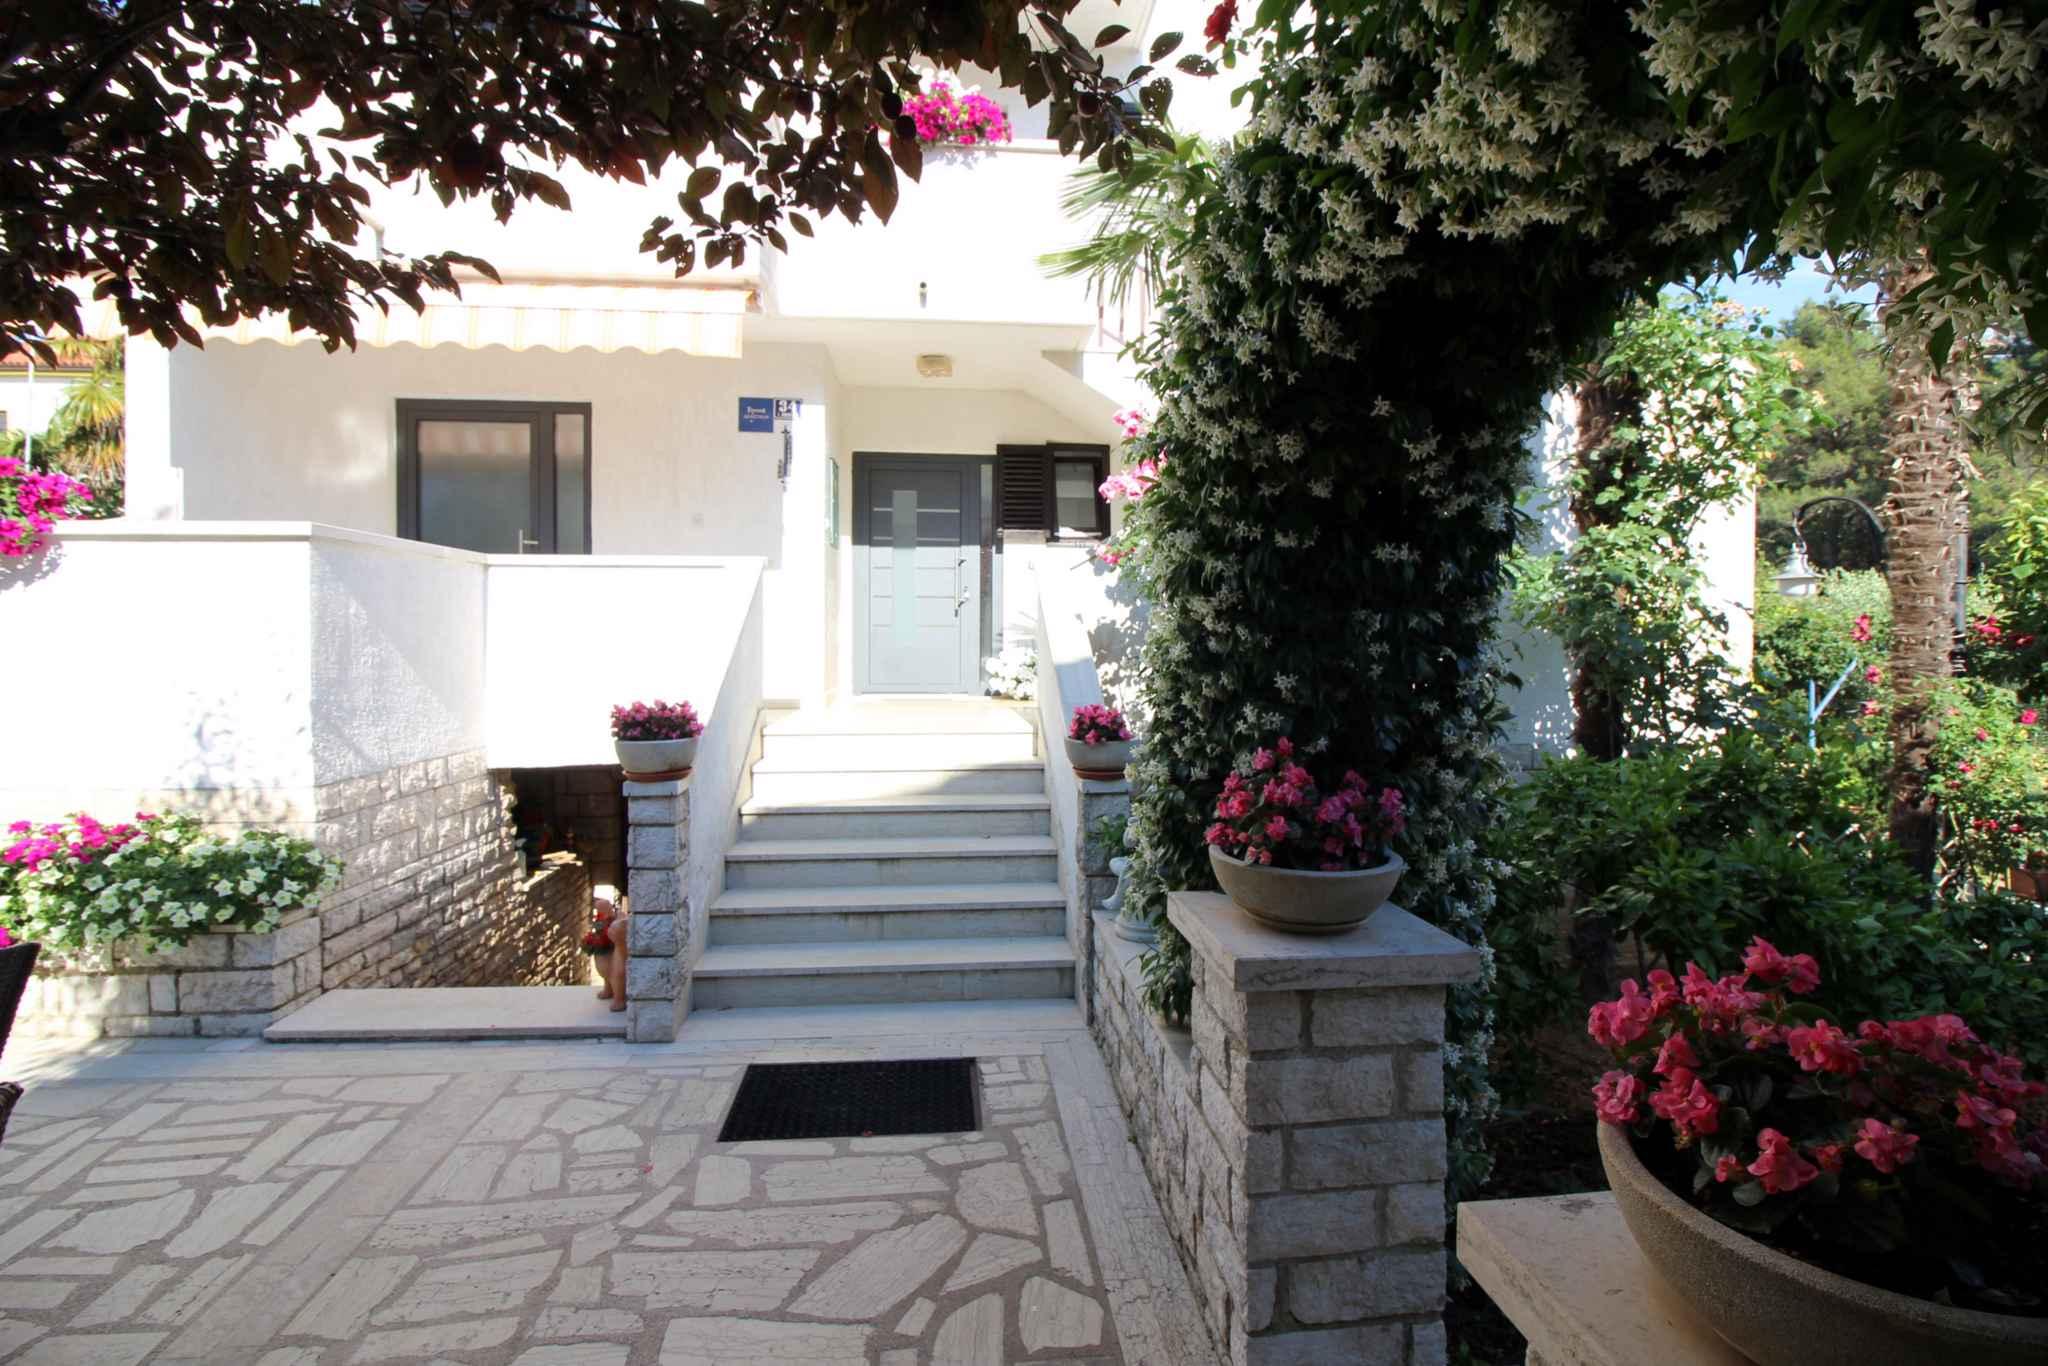 Ferienwohnung mit schönem Garten und Grill (280320), Porec, , Istrien, Kroatien, Bild 11